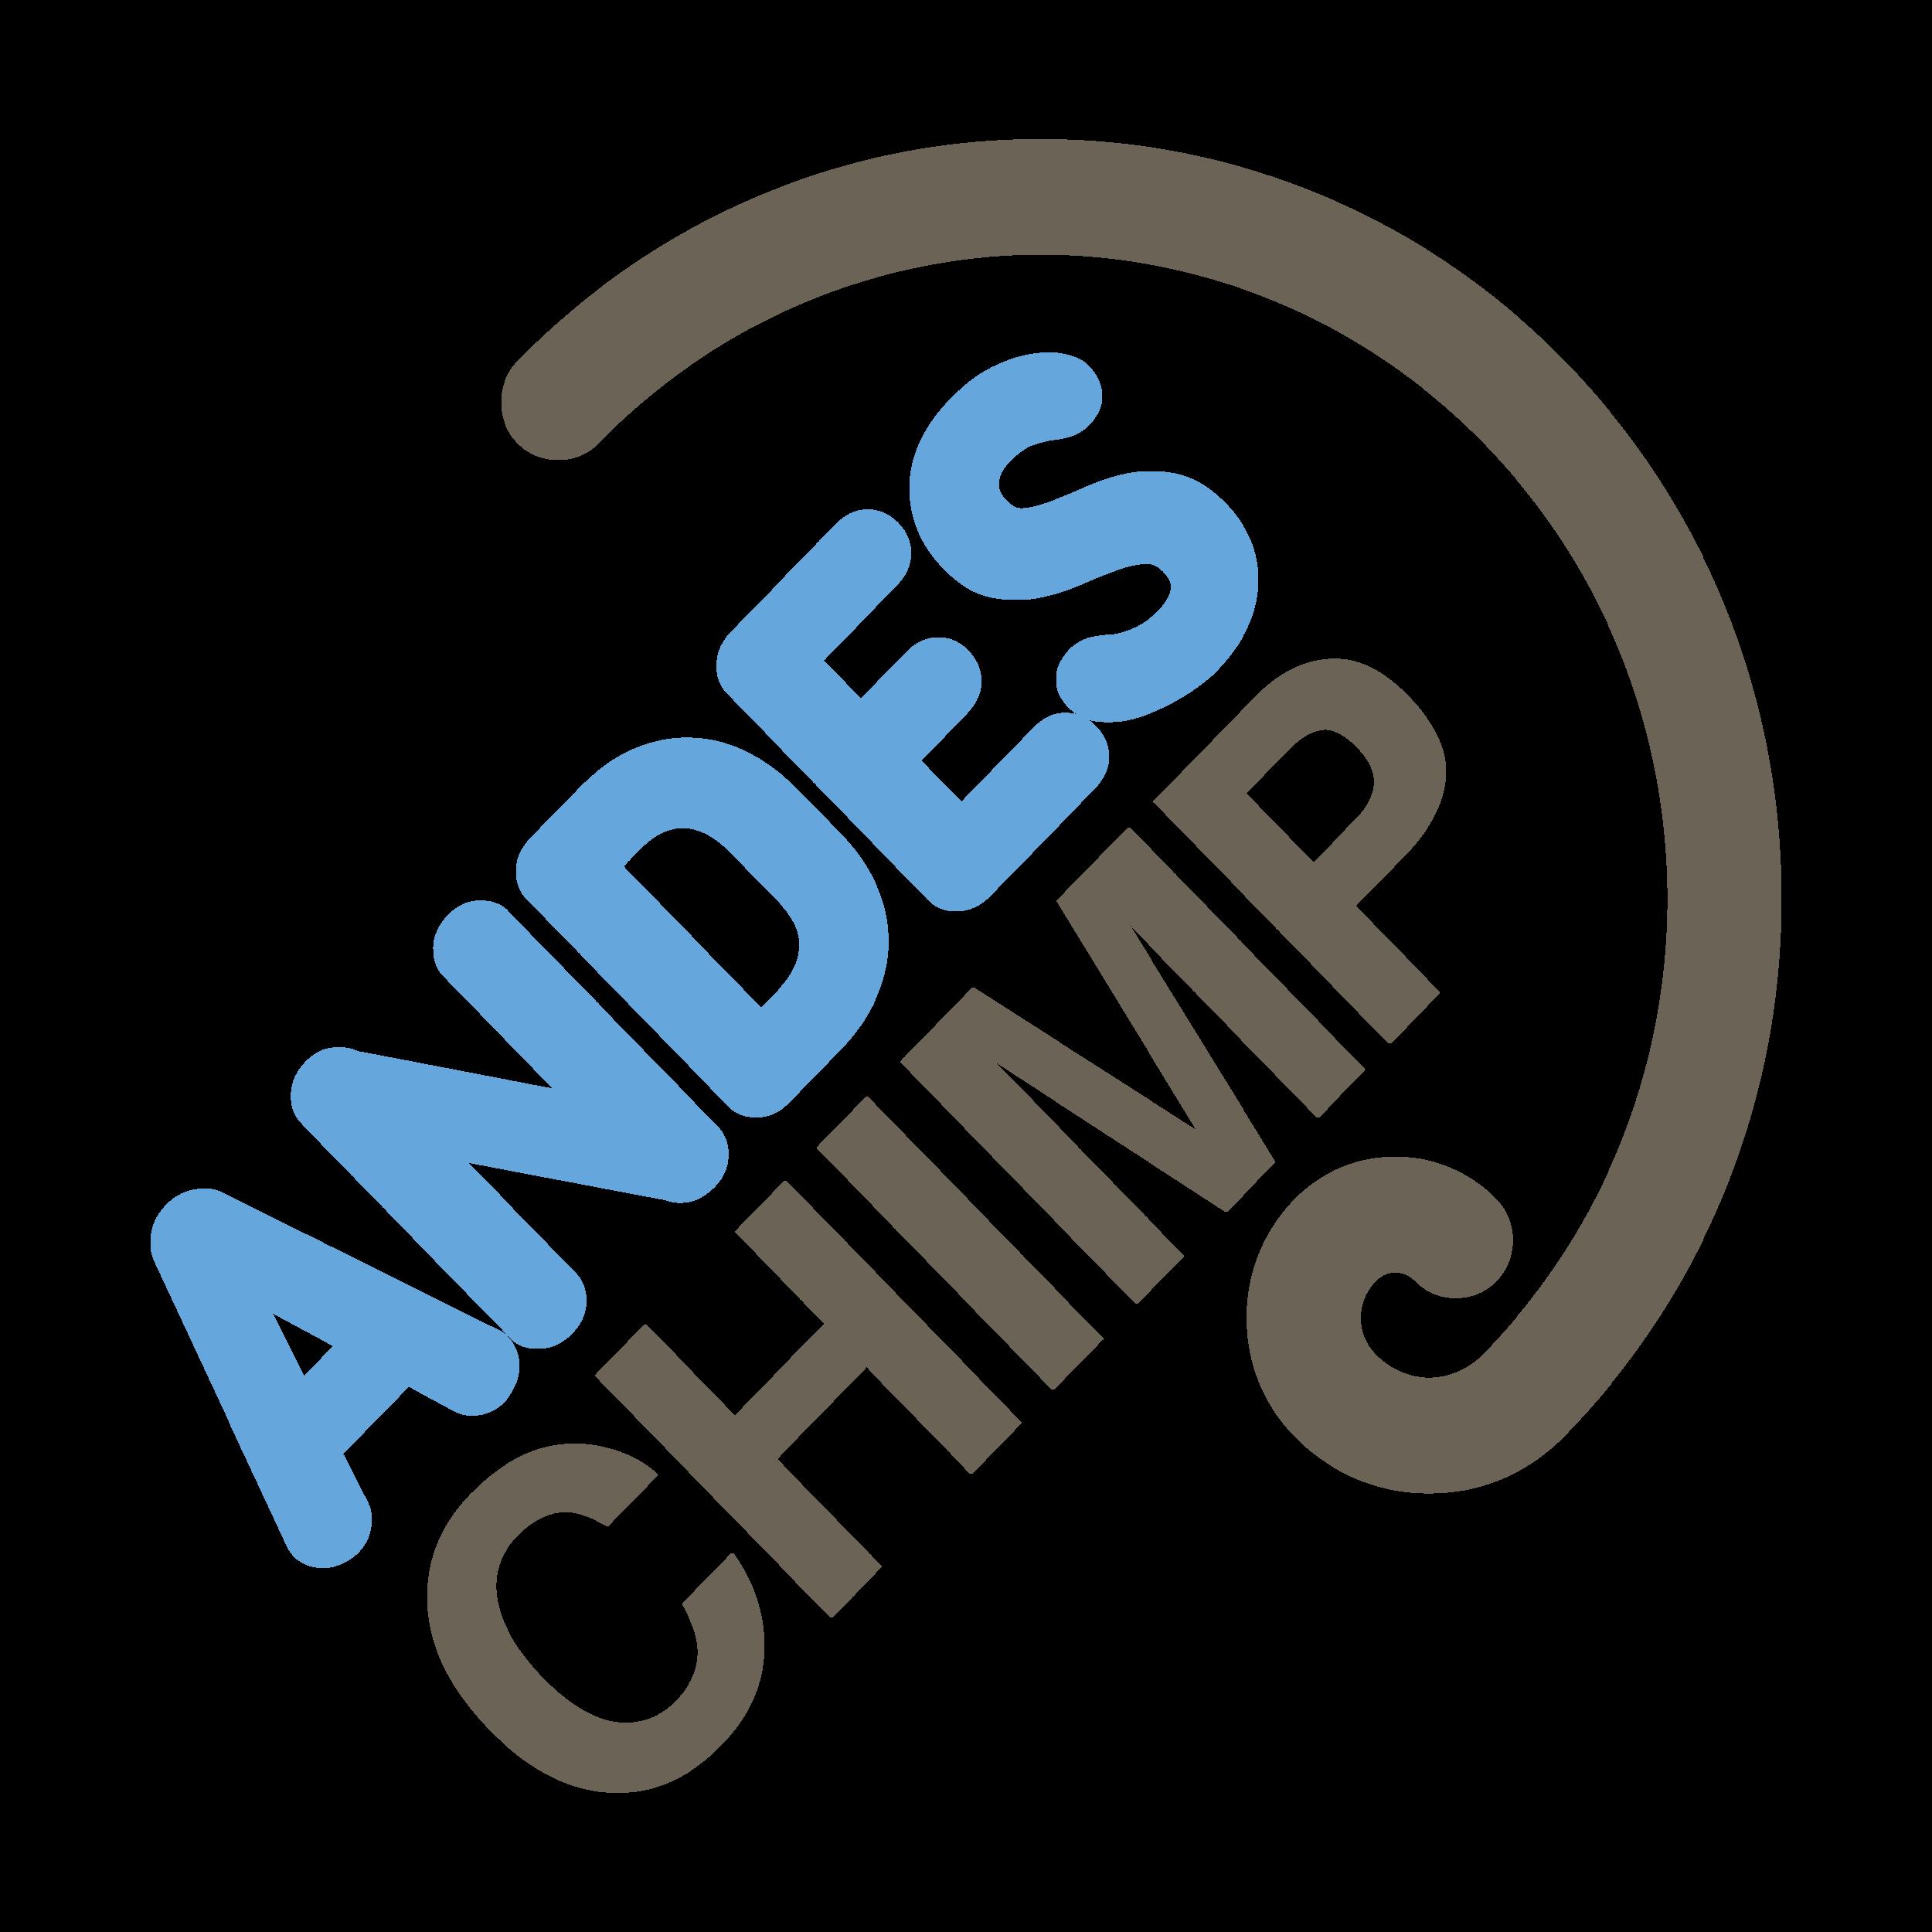 logo puelche22-01.png